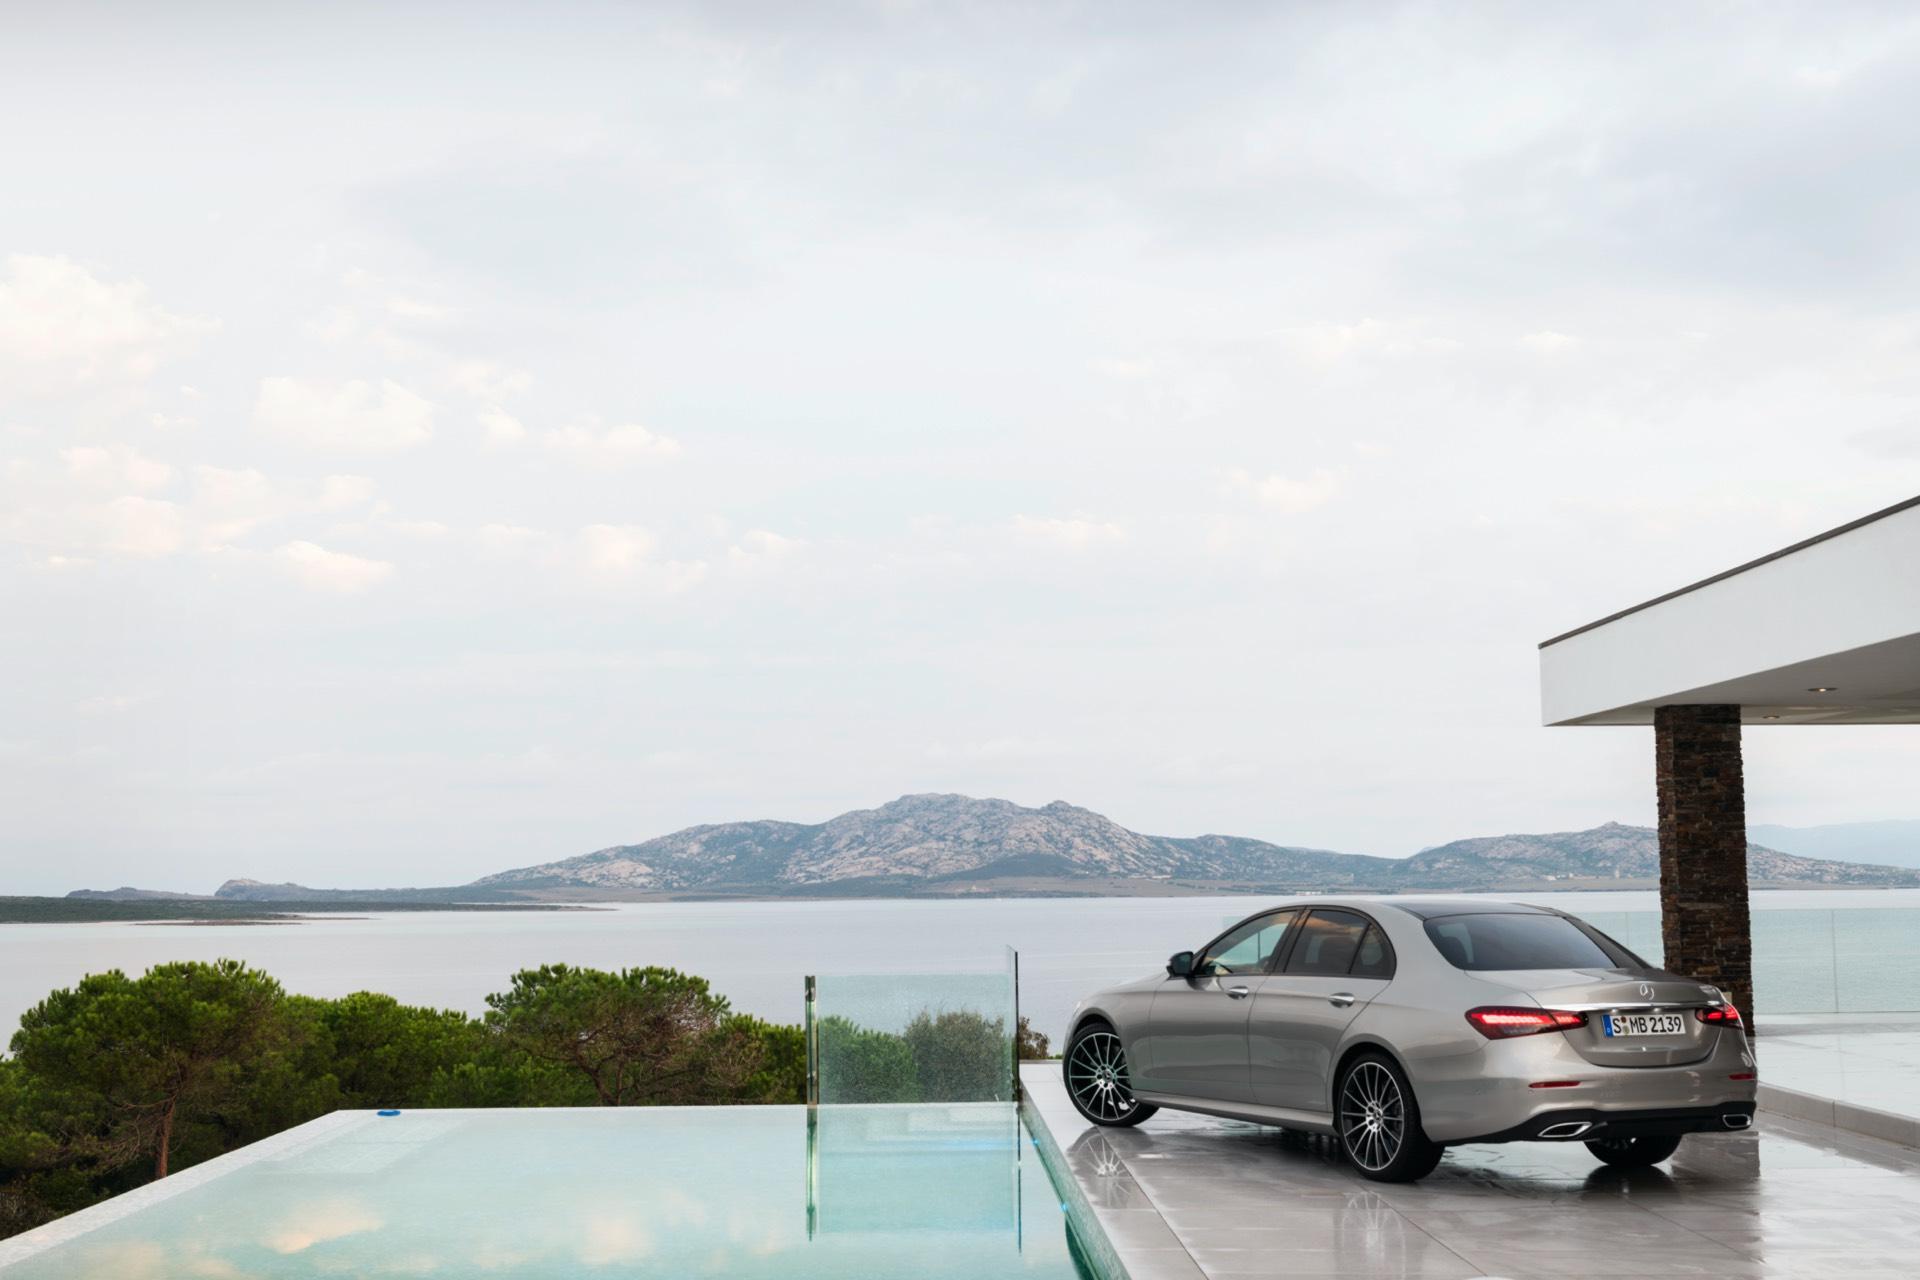 Mercedes-Benz E Class Facelift